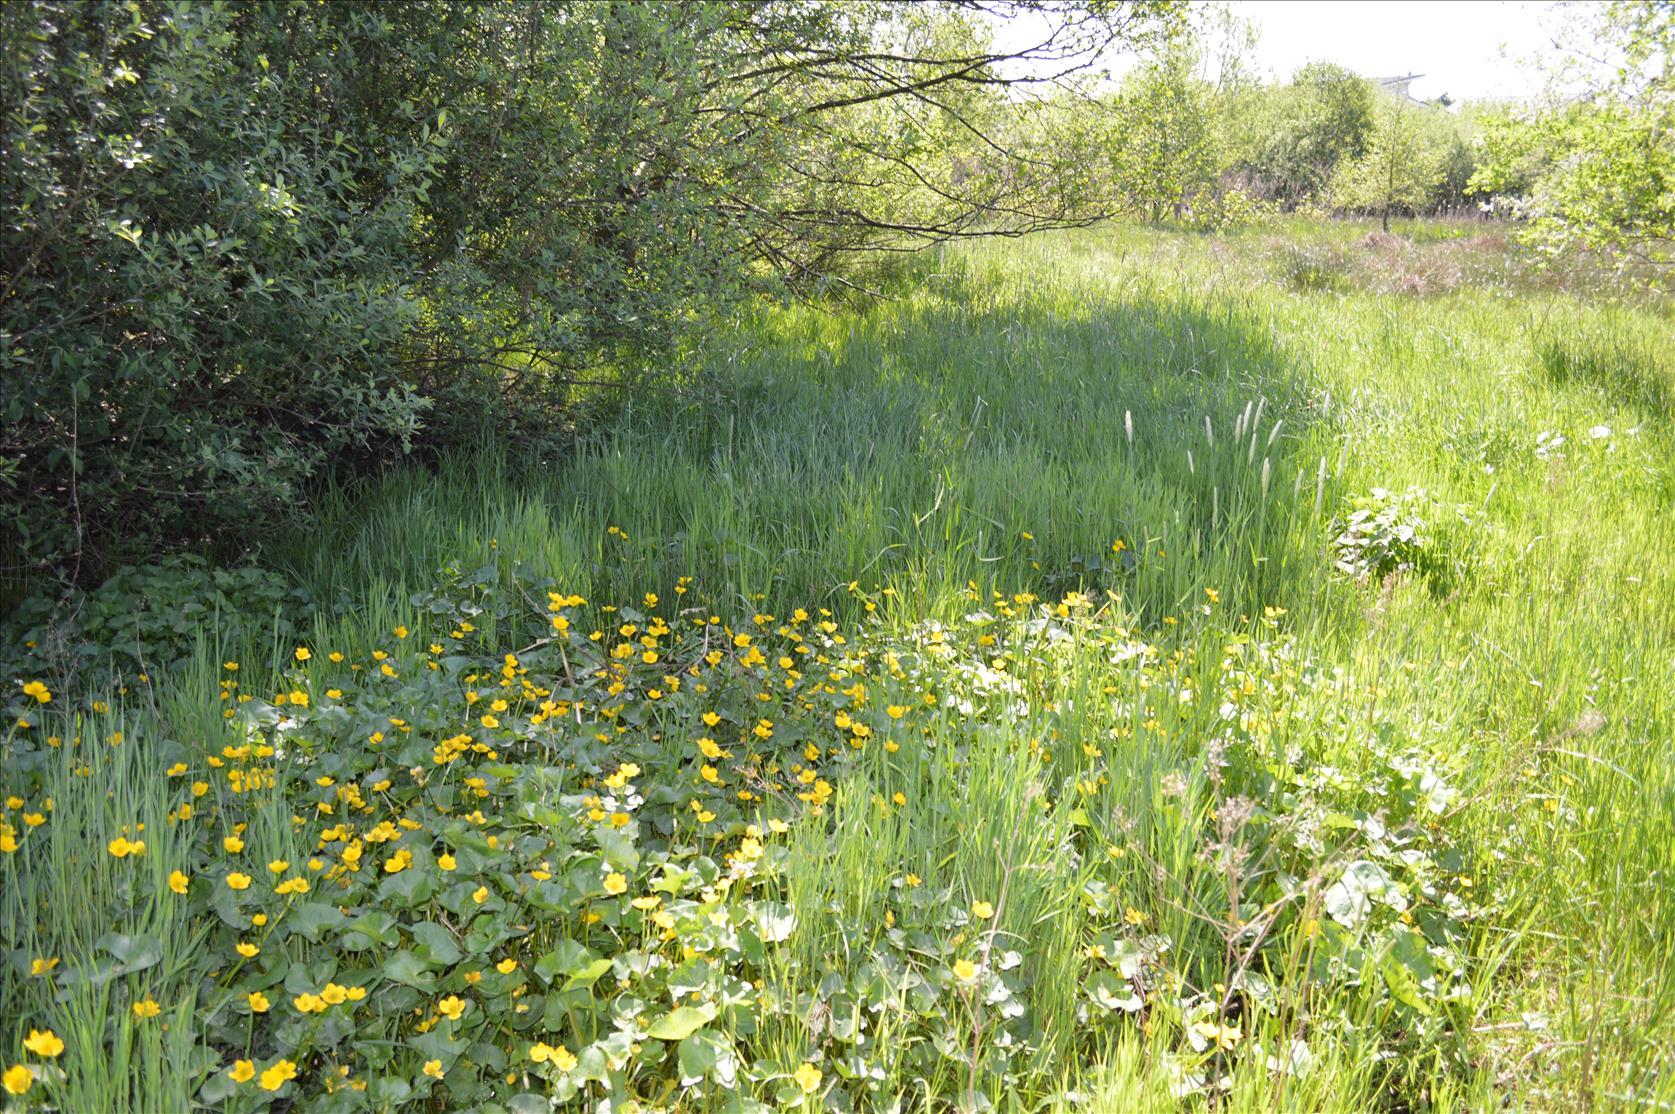 Sumpfdotterblumenwiese - fast veschwundene Sumpfwiesen